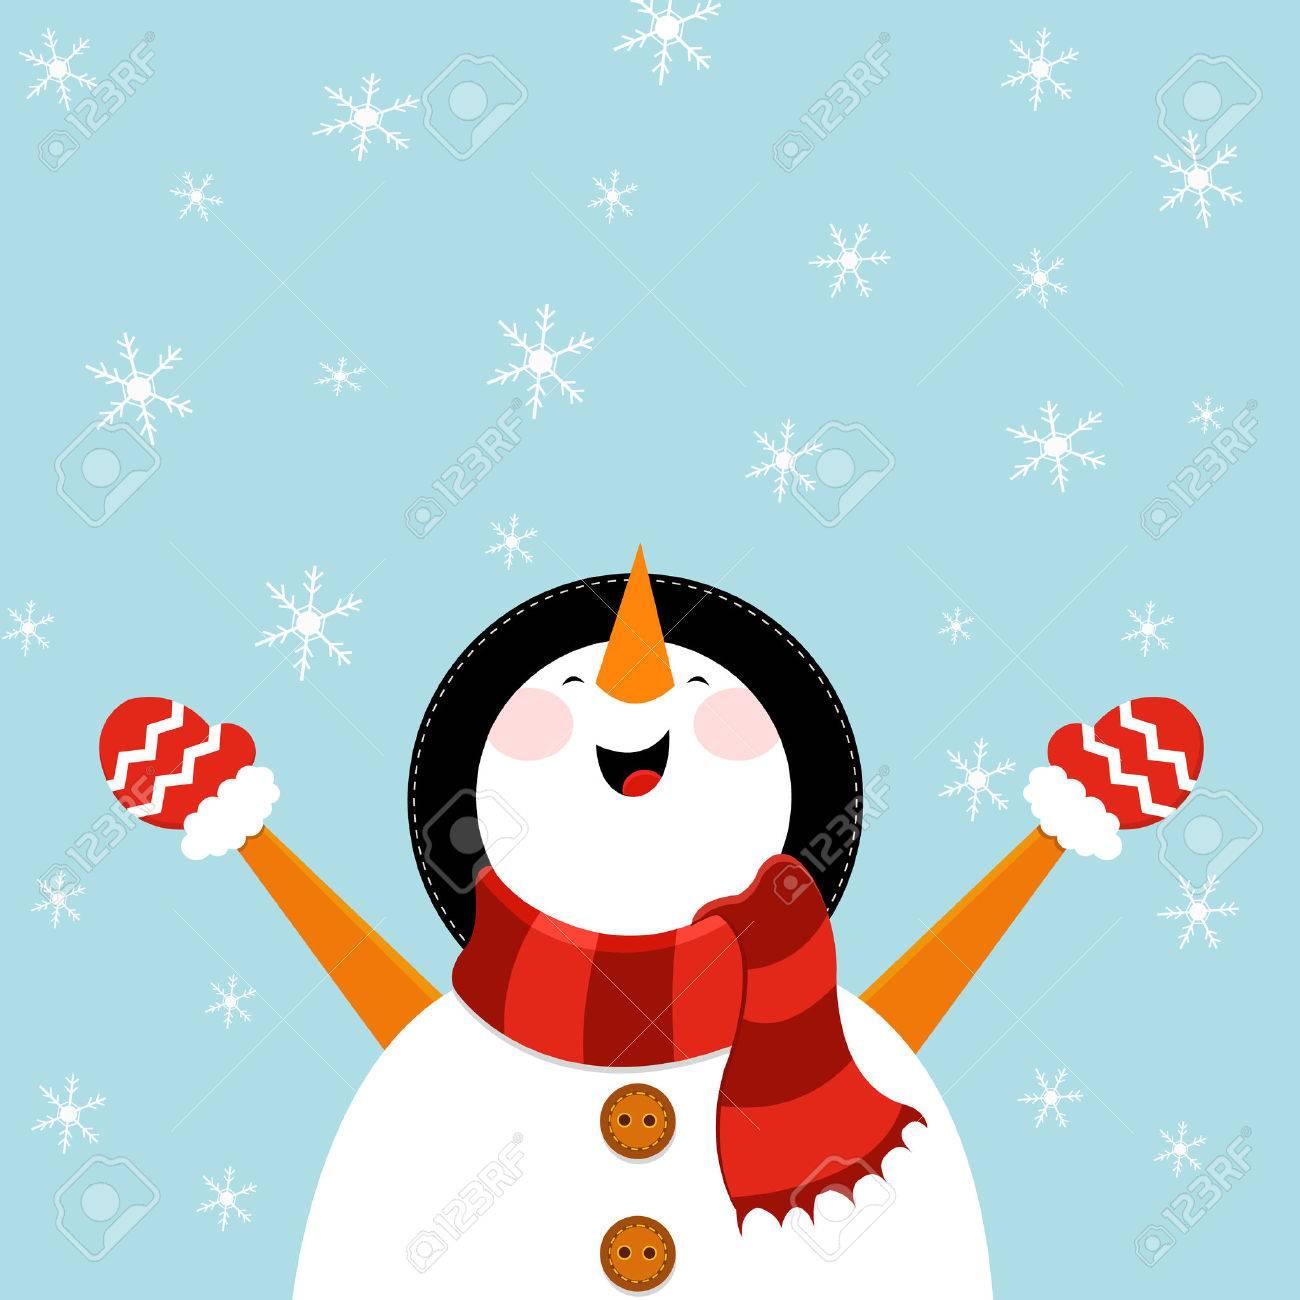 Snowman Enjoying Snow - 22899422